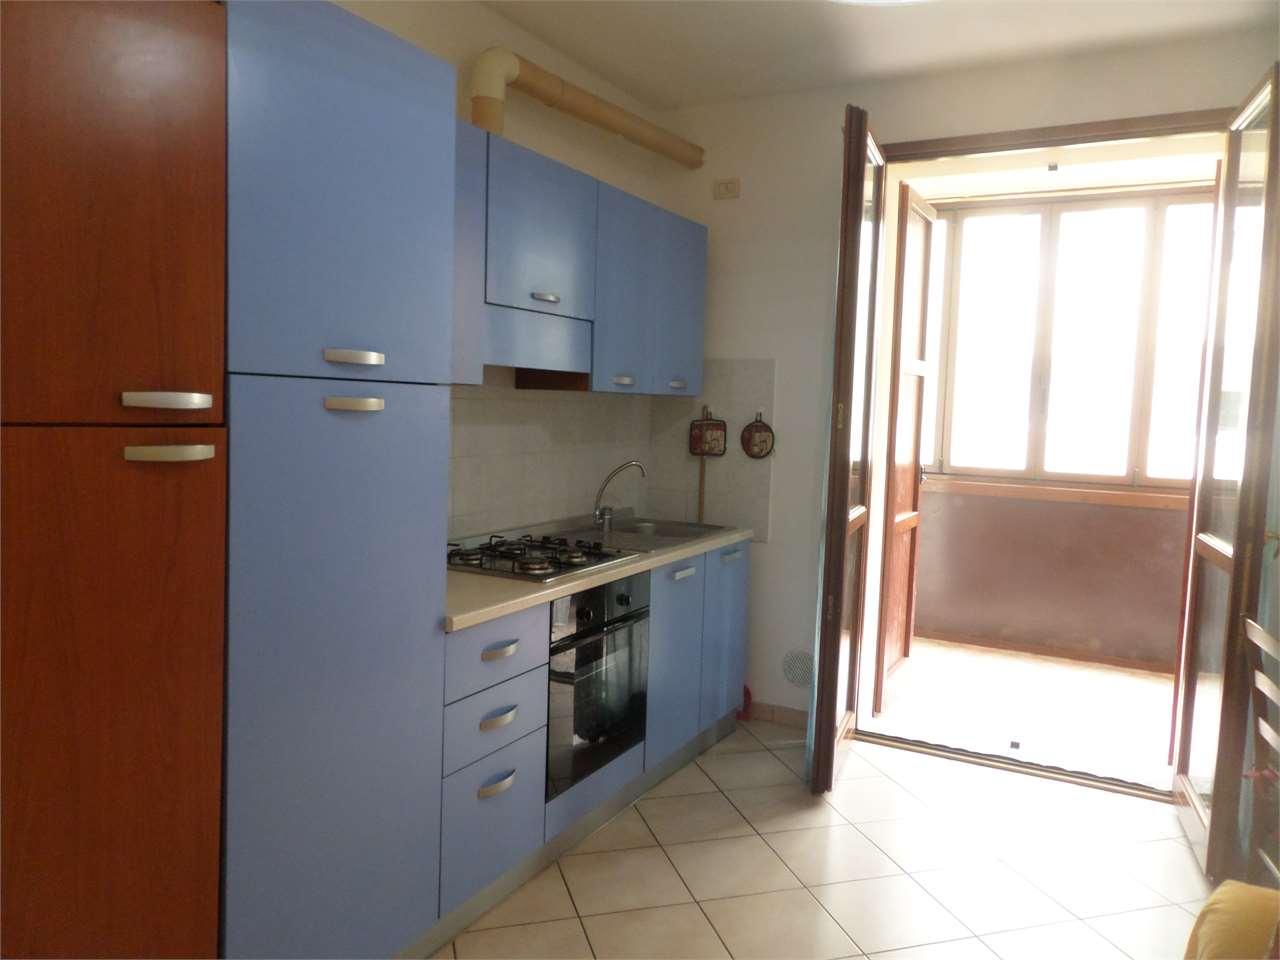 Appartamento in vendita a Ravenna, 2 locali, zona Zona: Fornace Zarattini, prezzo € 90.000 | CambioCasa.it